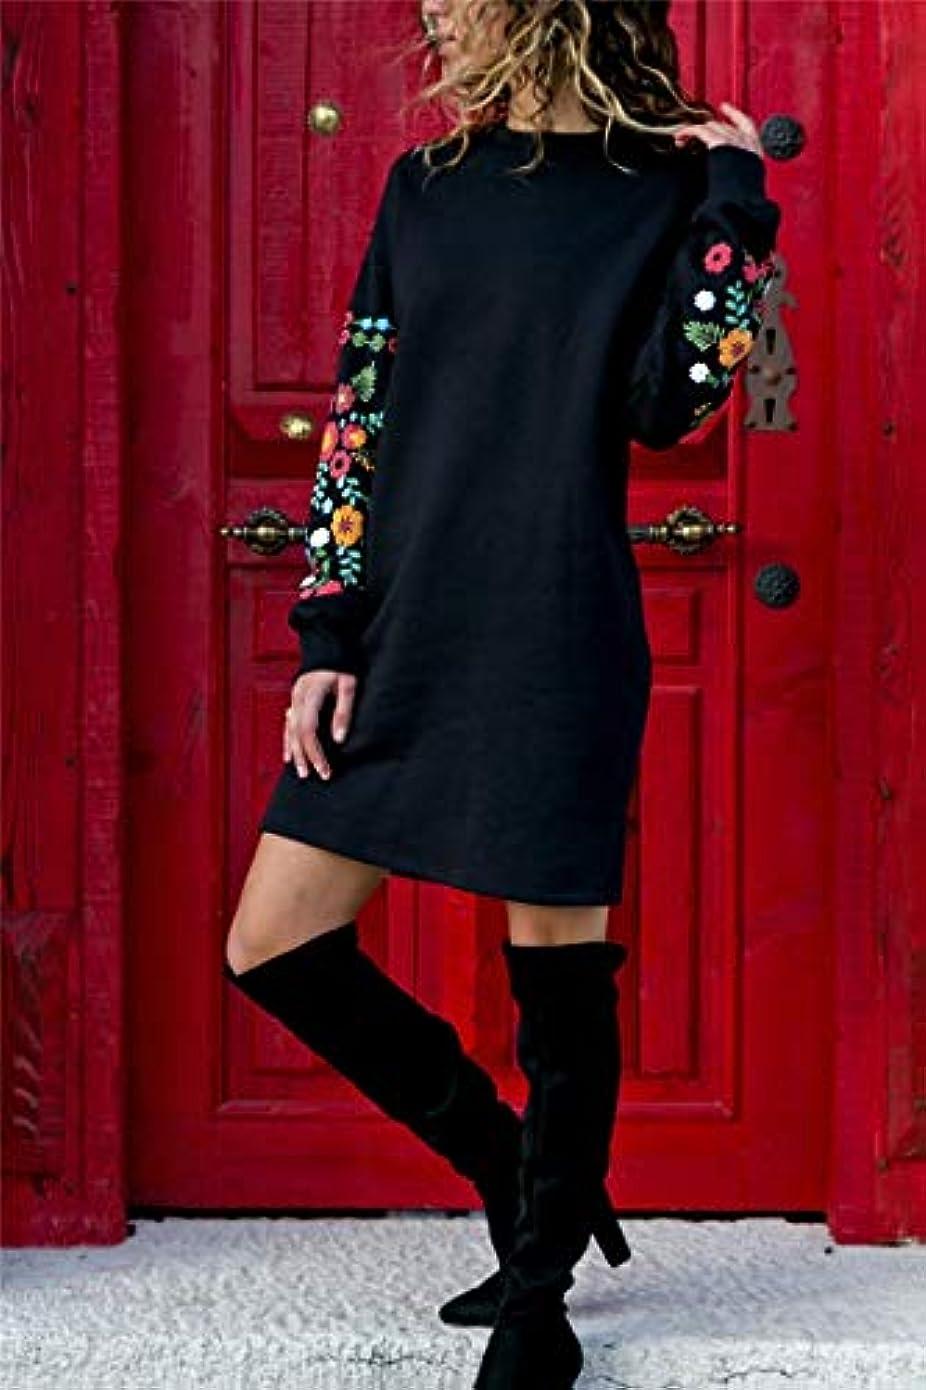 ずっとに対応する時間厳守Onderroa - 冬の花プリントワンピースの女性のエレガントな黒のロングスリーブドレスOネックルーズ暖かいストリートドレスVestids